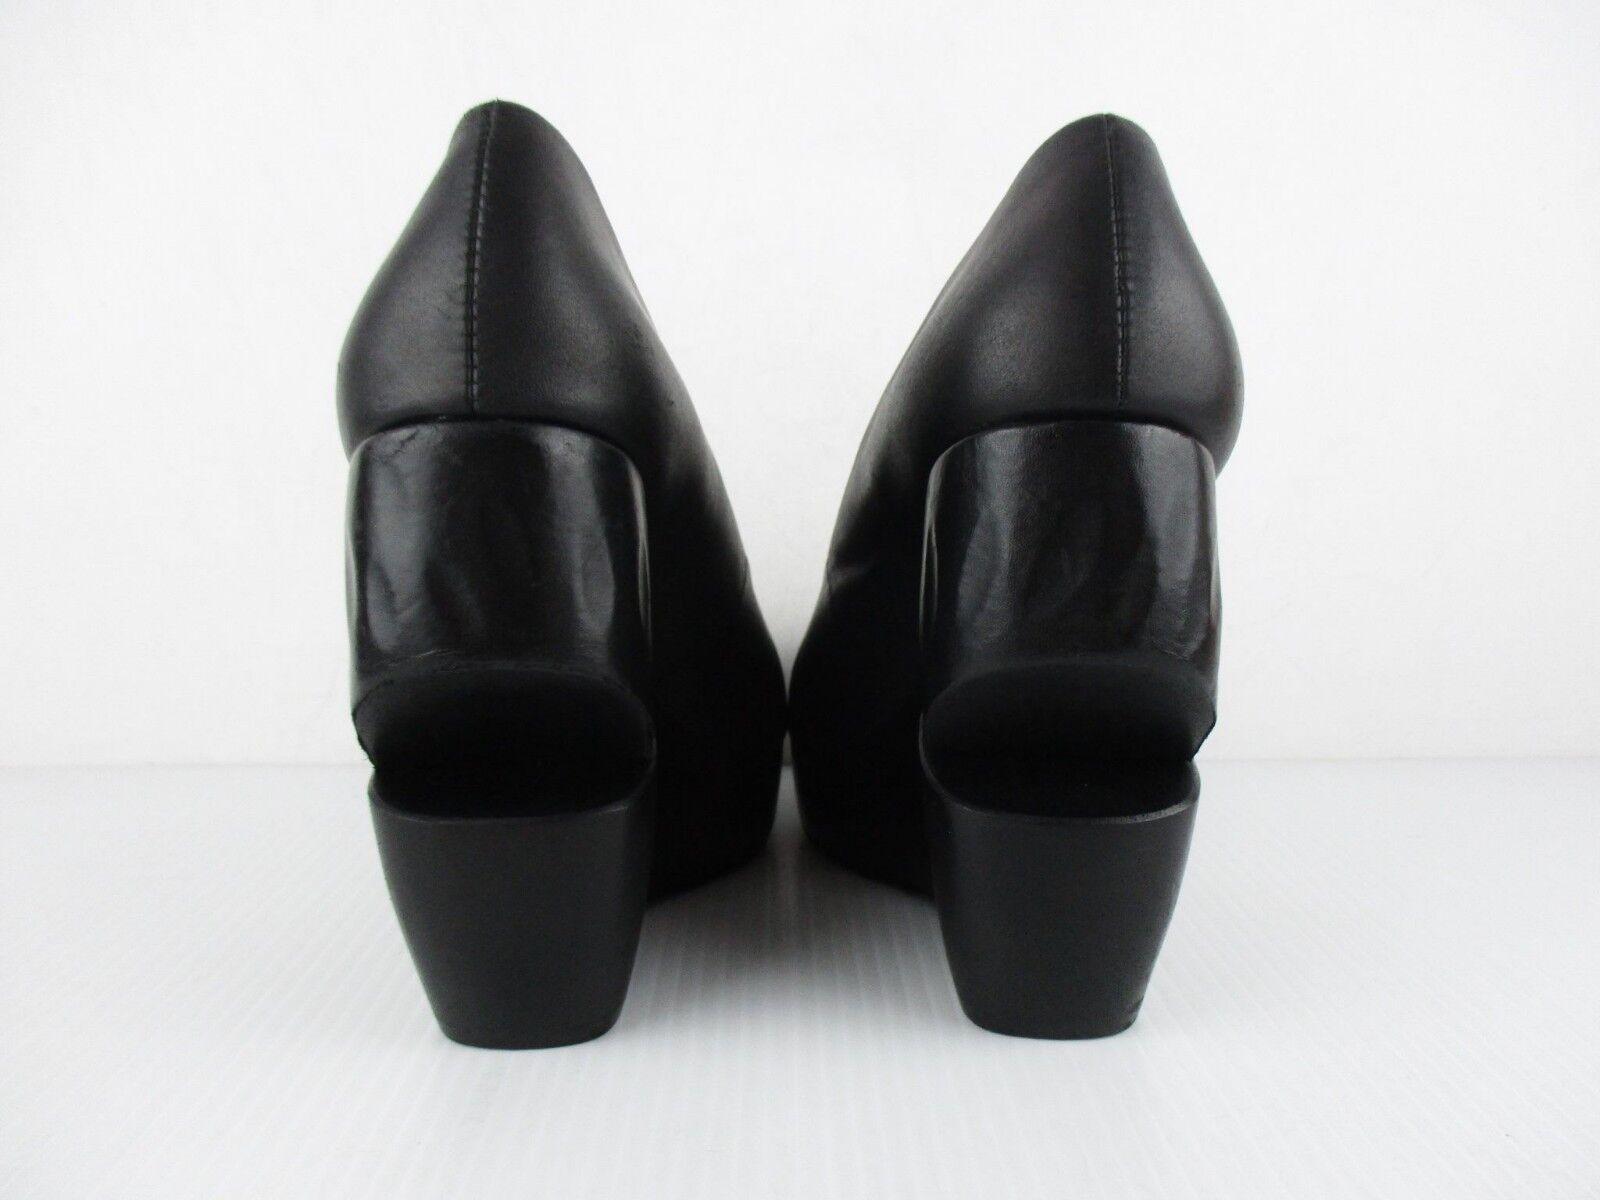 STUNNING damen ALL SAINTS KALMAN SAVITR schwarz schwarz schwarz LEATHER WEDGE HEEL COURT 5 38 2557eb